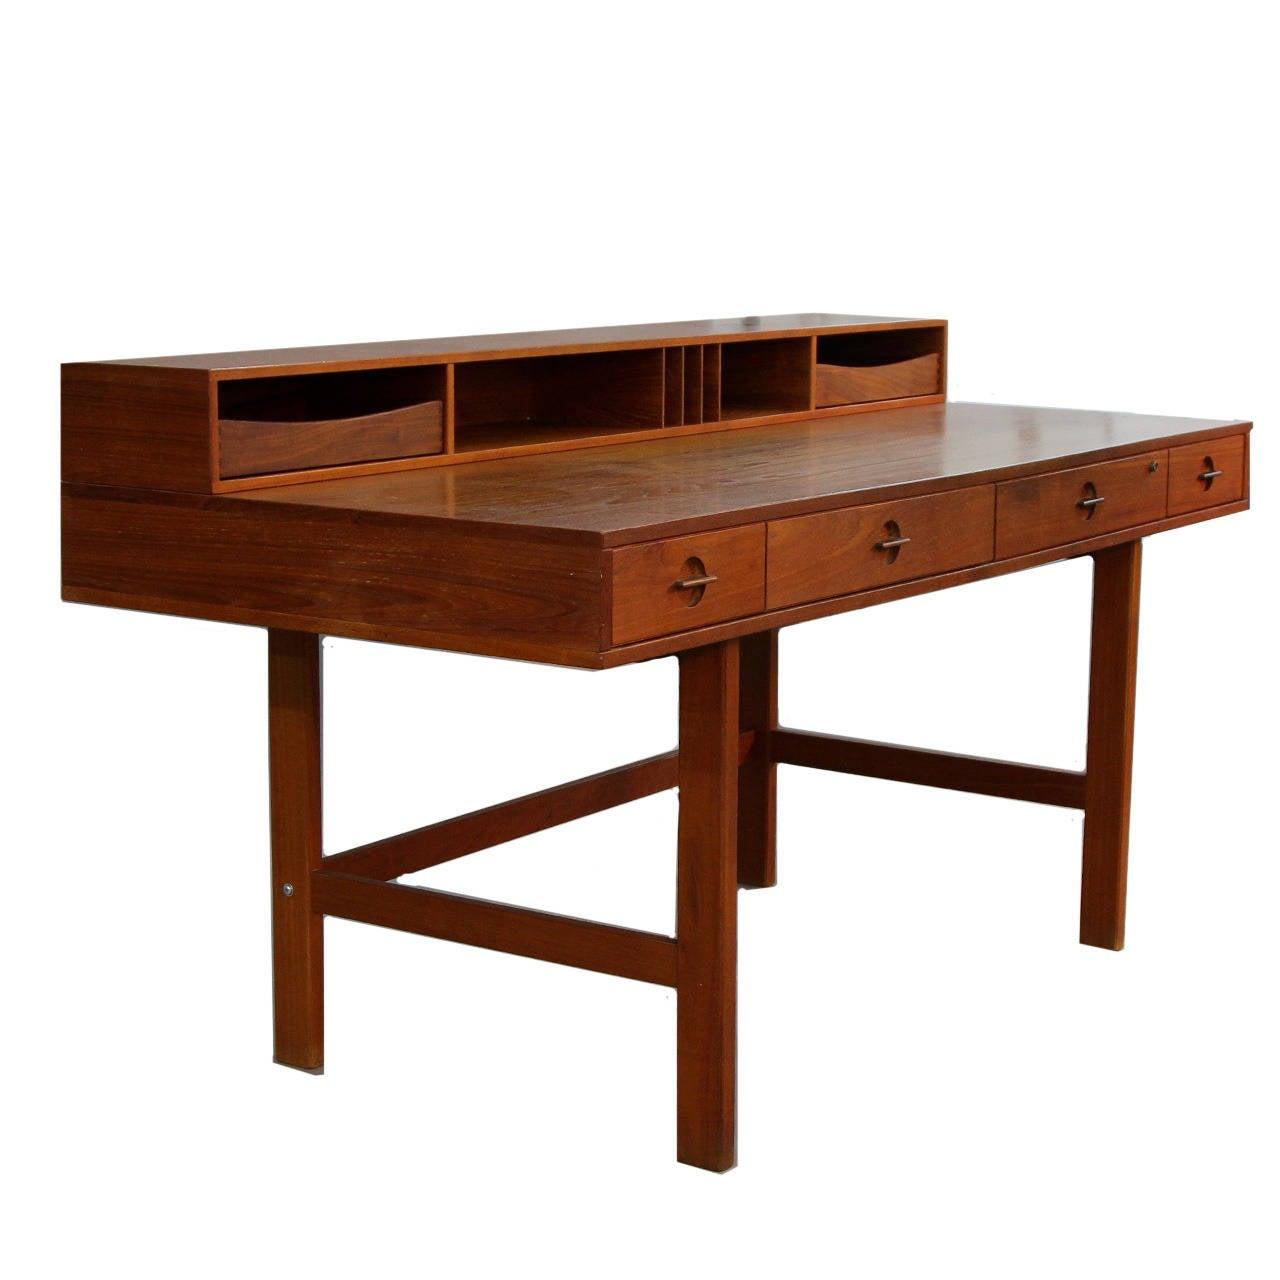 Teak Flip Top Partners Desk By Jens Quistgaard For Peter